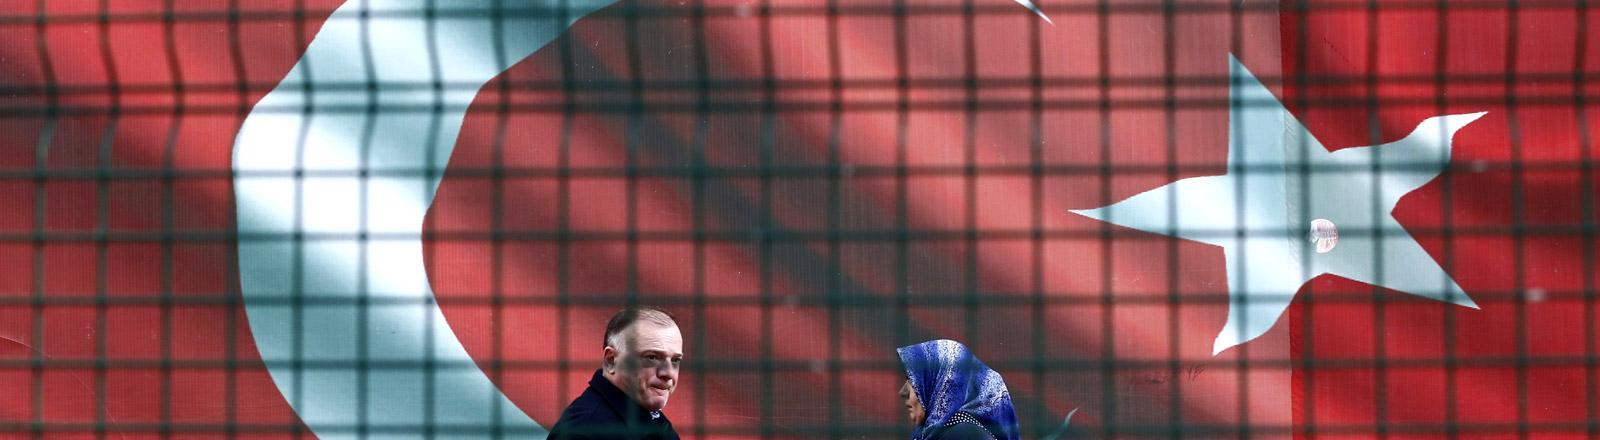 Die türkische Flagge fotografiert durch ein Fenstergitter